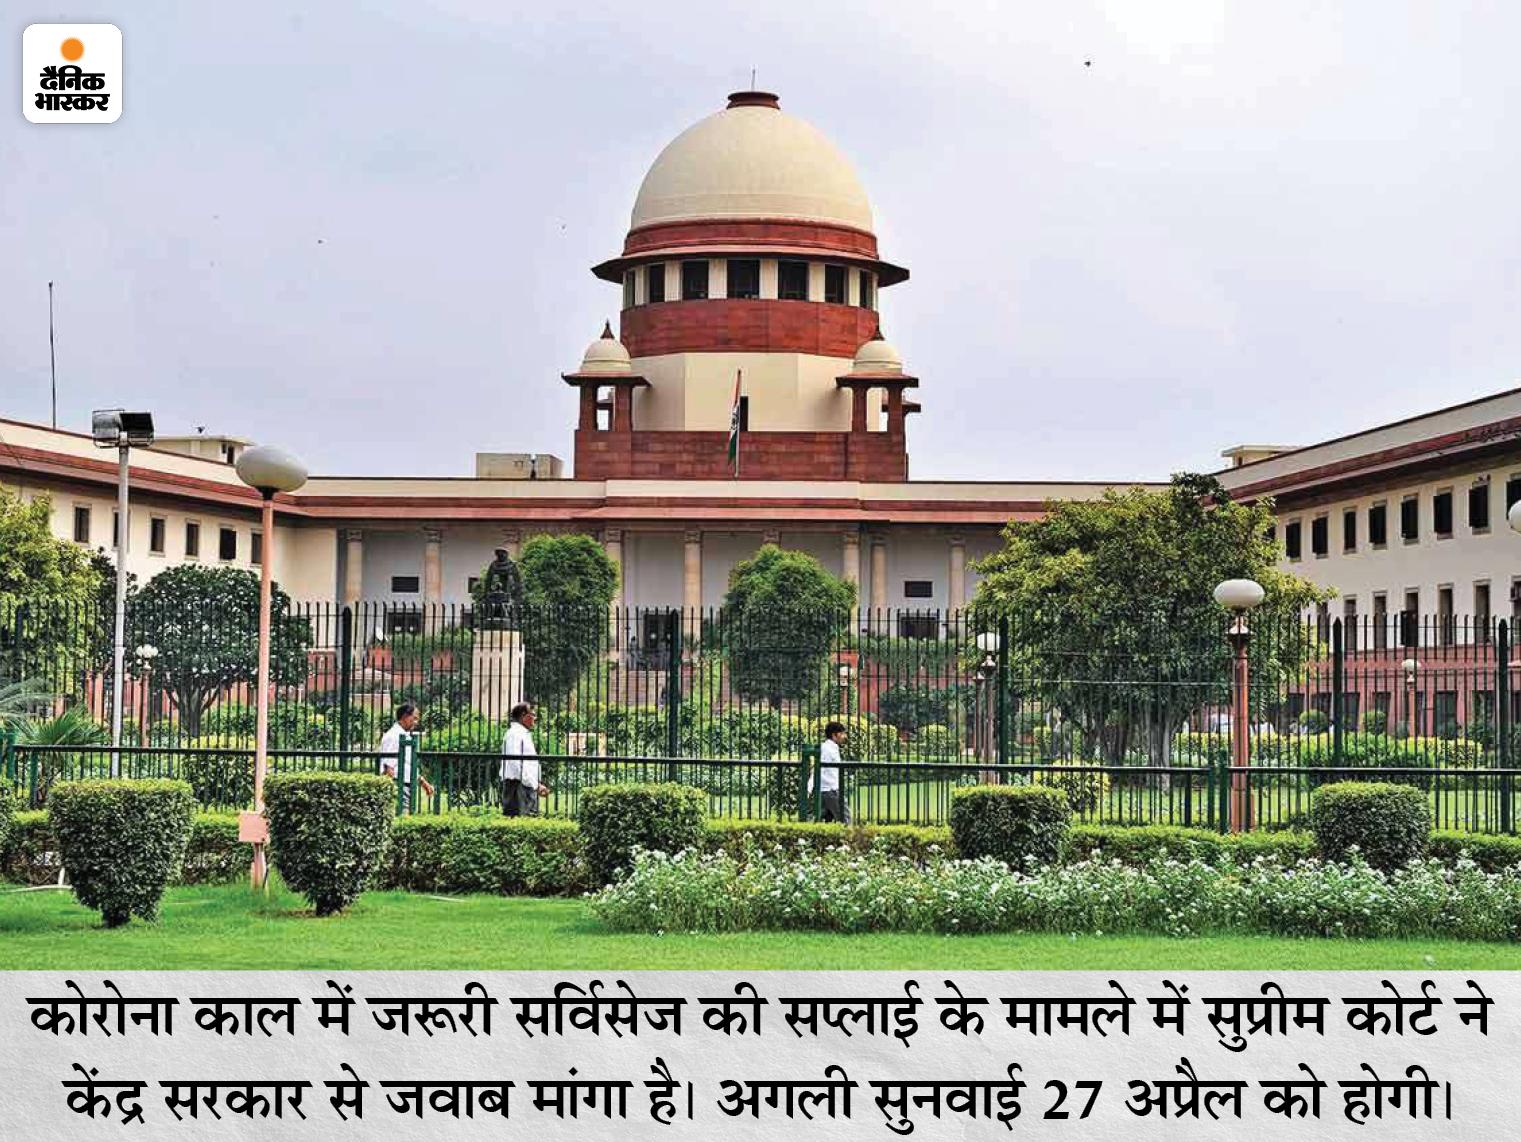 सुप्रीम कोर्ट ने कहा- मामले को नोटिस में लेने का मतलब केस ट्रांसफर करना नहीं, हाईकोर्ट को नहीं रोका, वो ऑर्डर जारी करें देश,National - Dainik Bhaskar